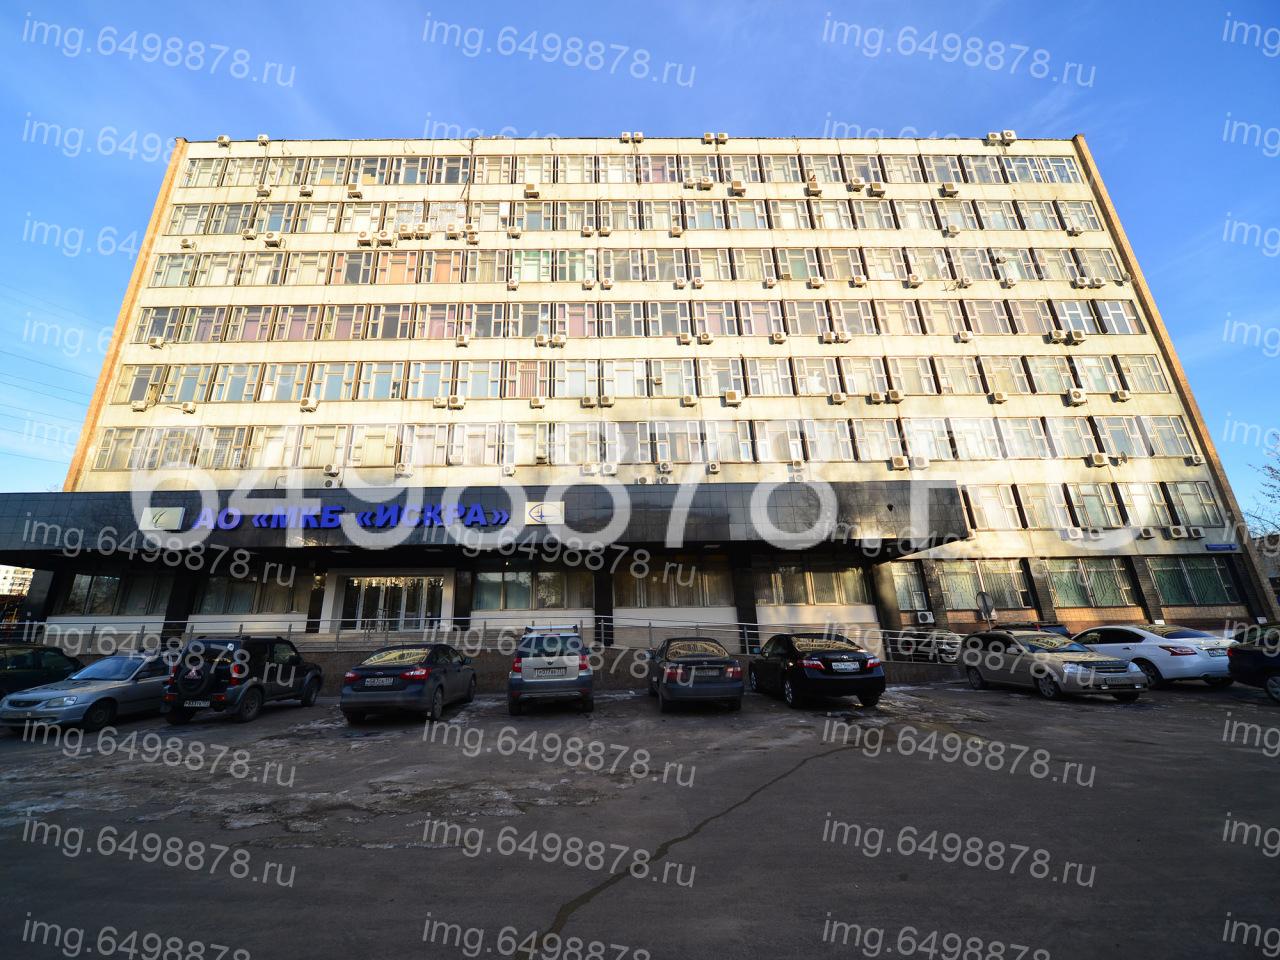 Петровско-Разумовский пр-д, 28